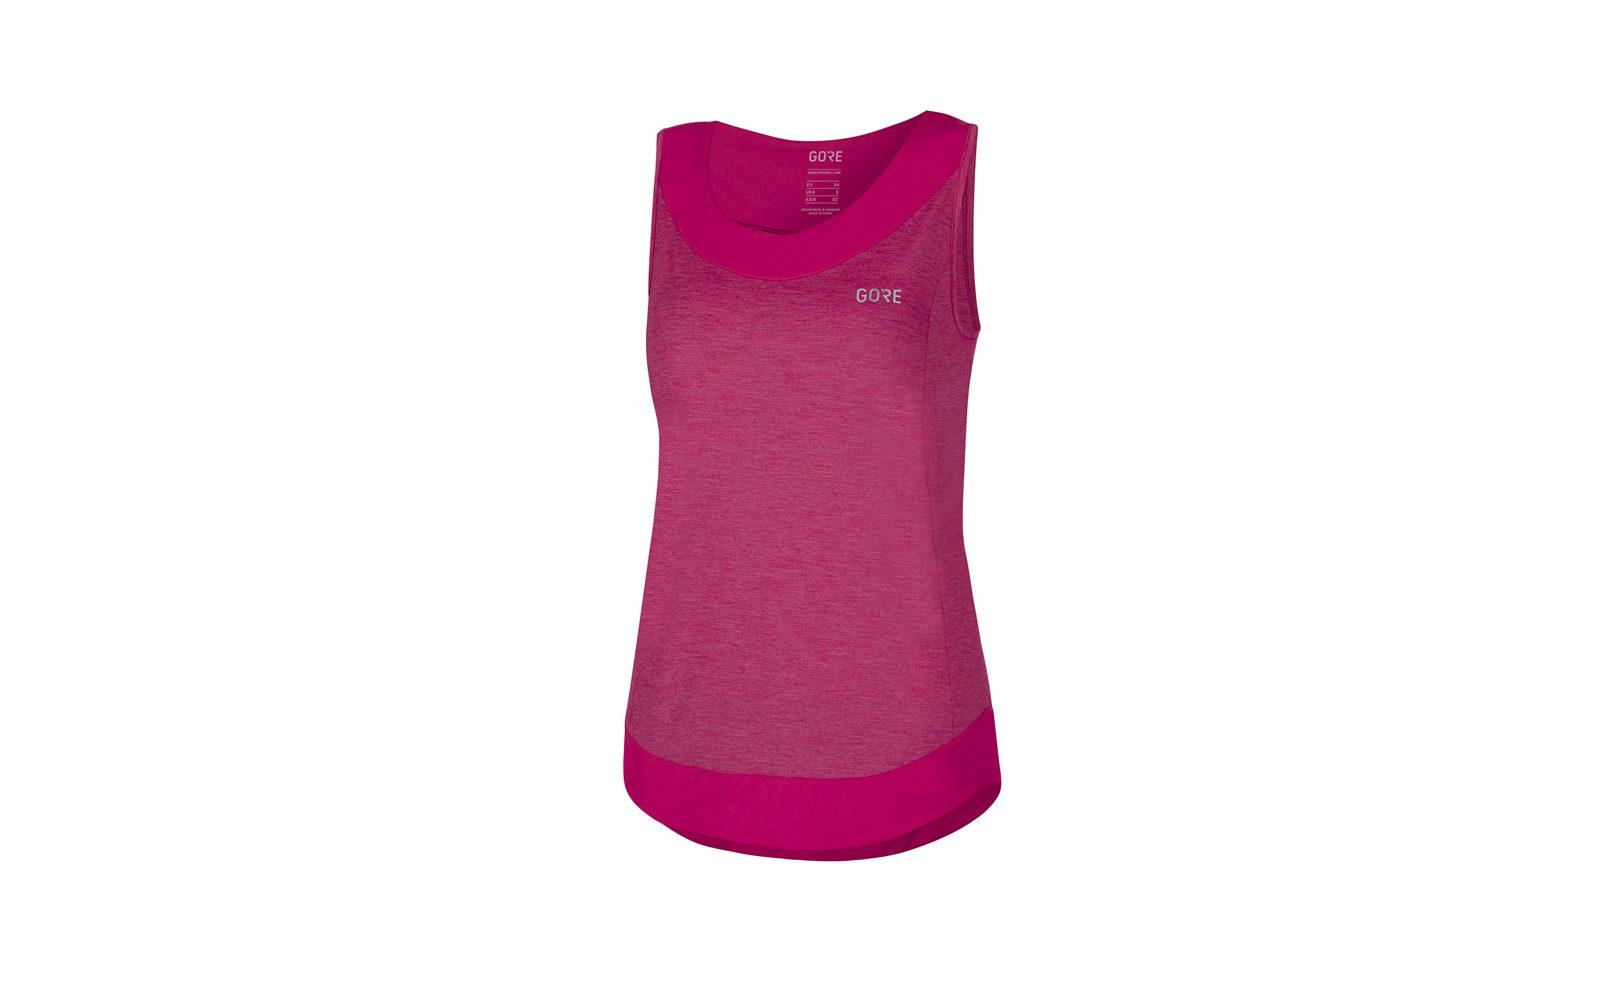 Gore C3, maglia senza maniche in jersey sottile, grande comfort sulla pelle, ideale per quando fa caldo, tasca posteriore con zip, loghi riflettenti, euro 79,95